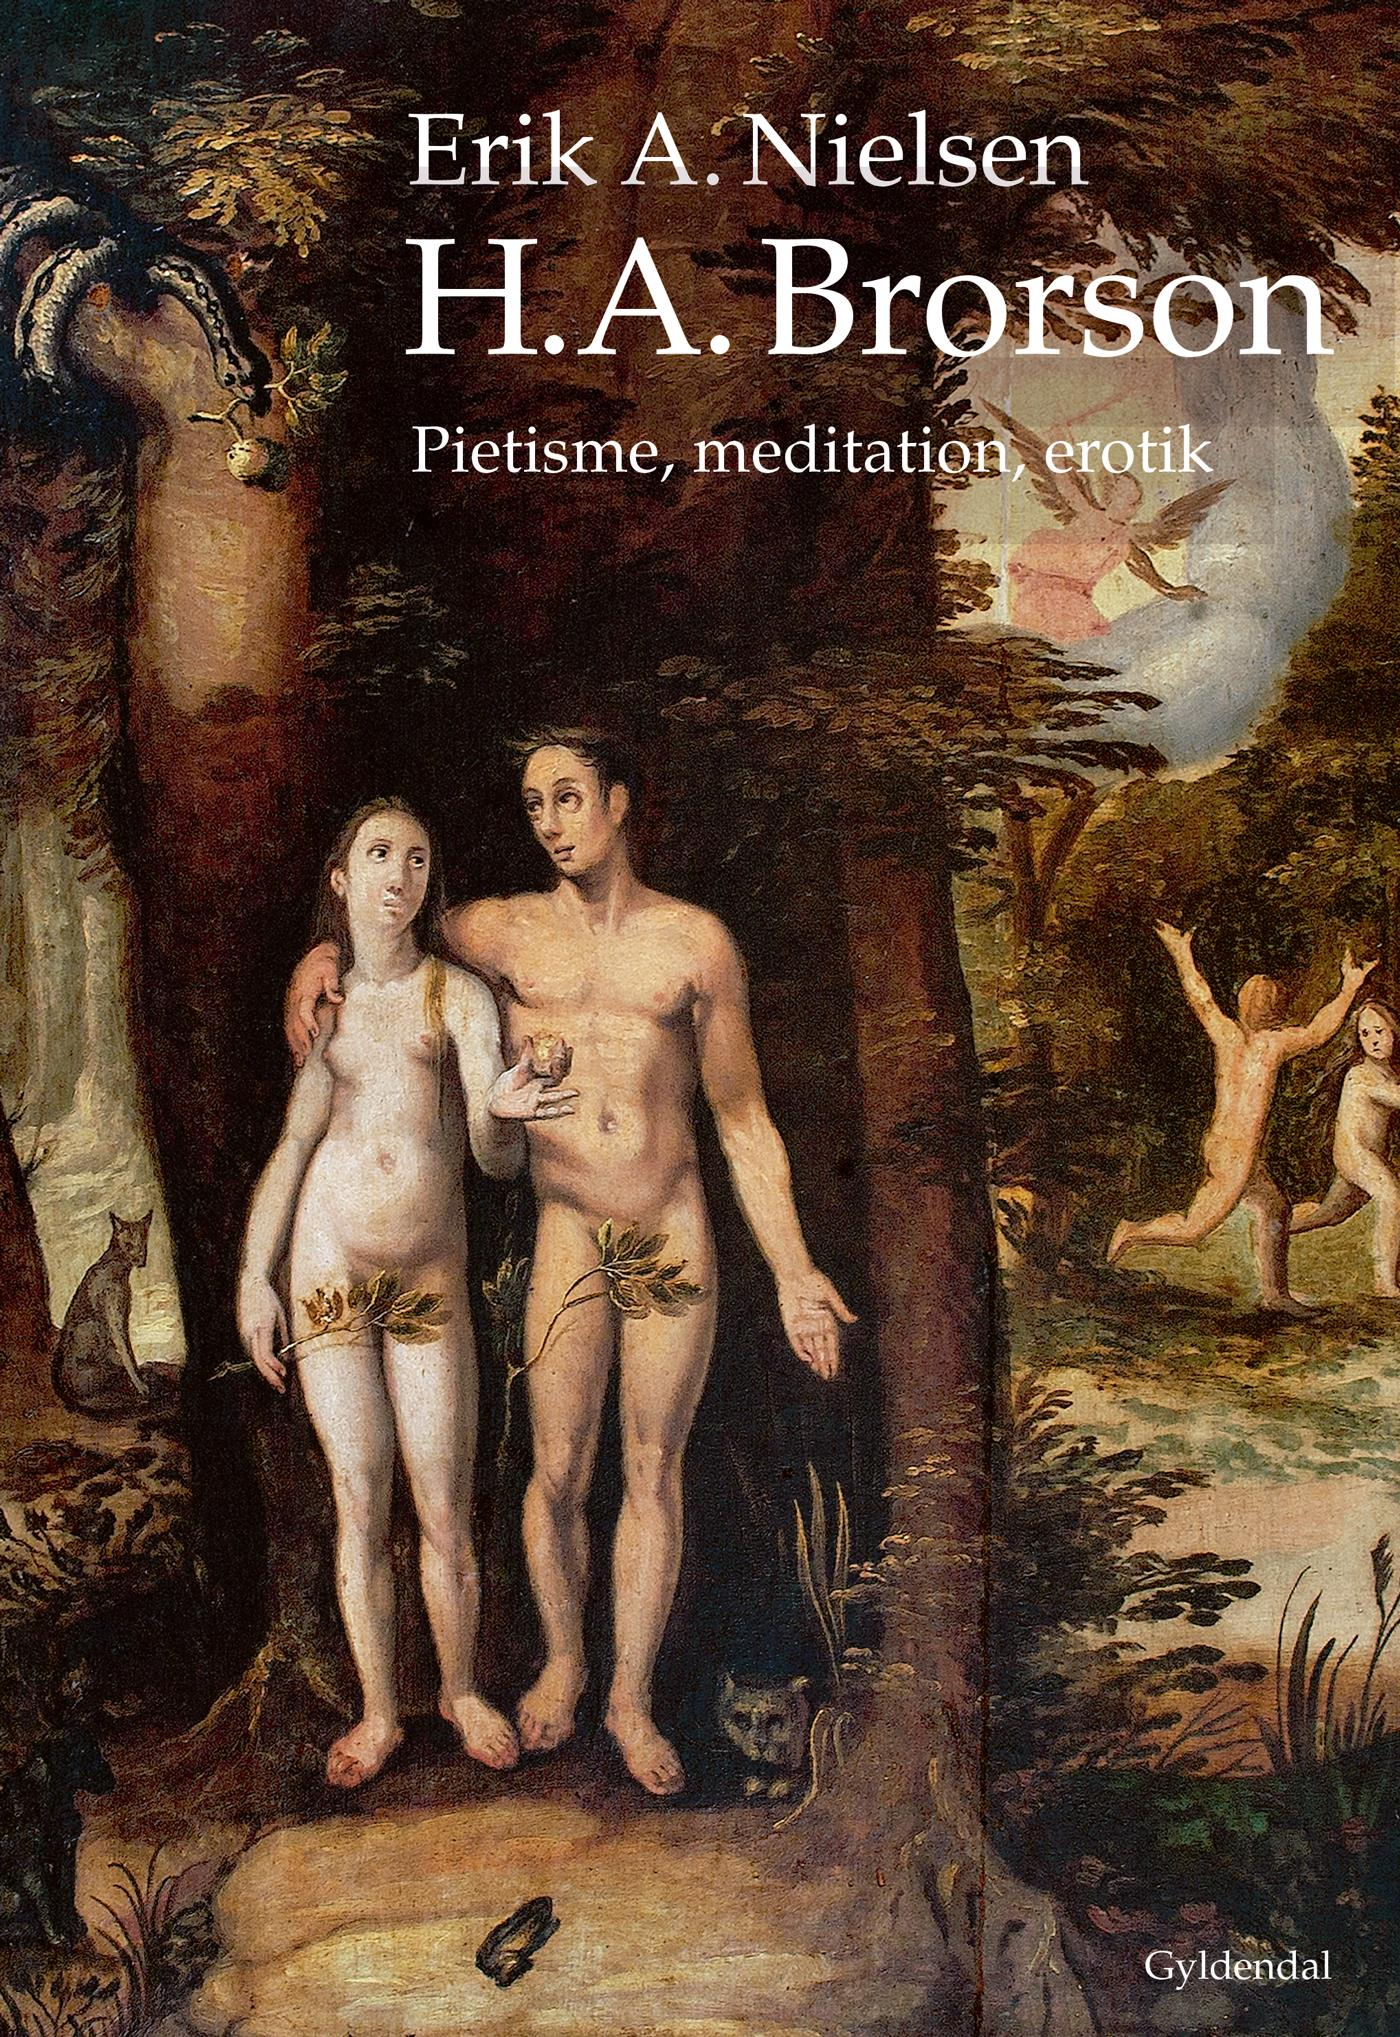 H.a. brorson - e-bog fra N/A fra bog & mystik